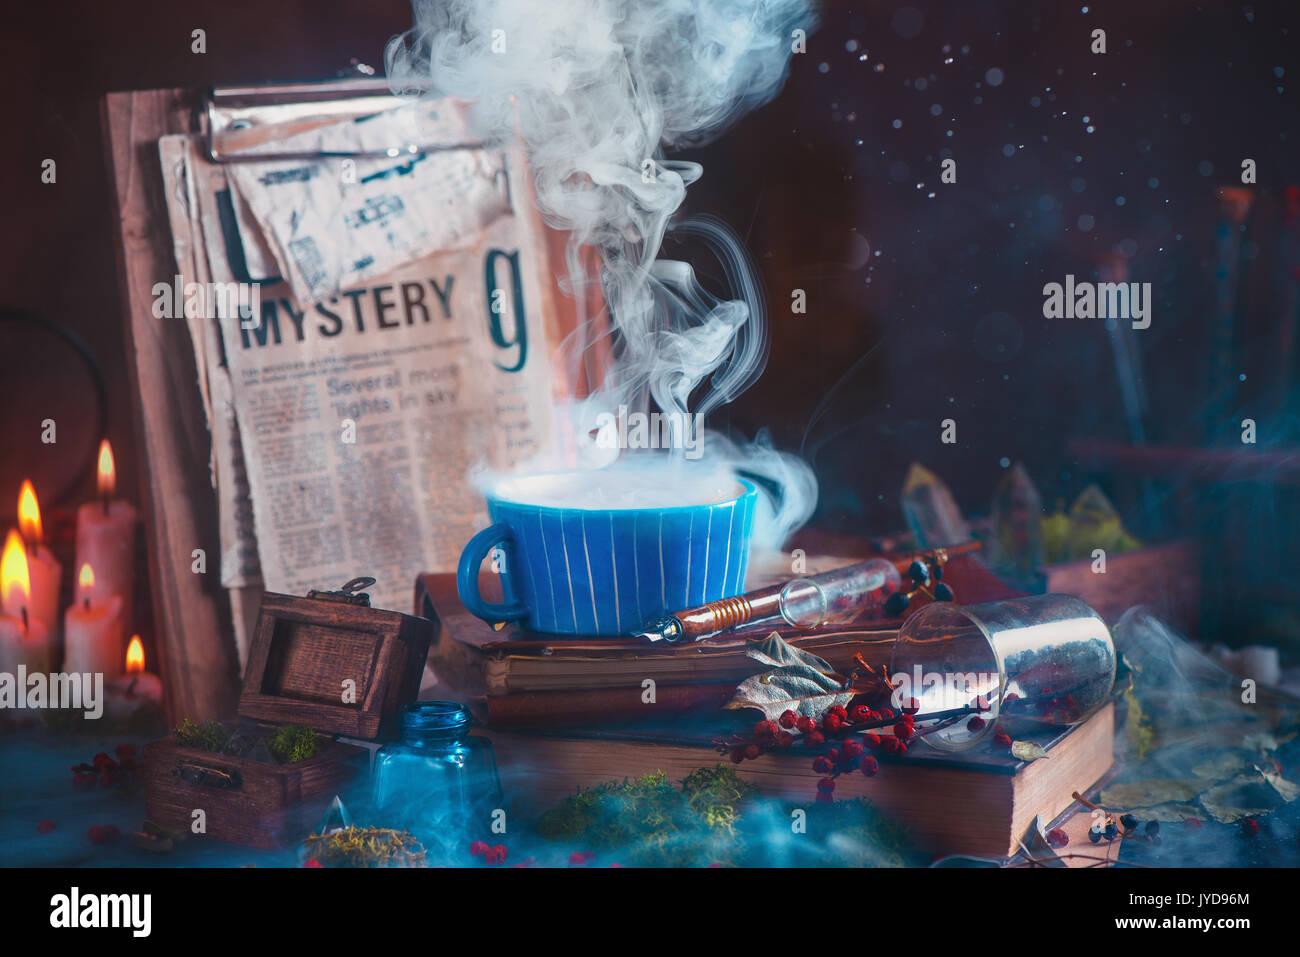 L'augmentation de la vapeur dans une tasse de thé en céramique sur un fond de bois avec des bougies, du mystère, des livres, des clips de journaux et feuilles marginées. dark encore magique la vie. burni Photo Stock